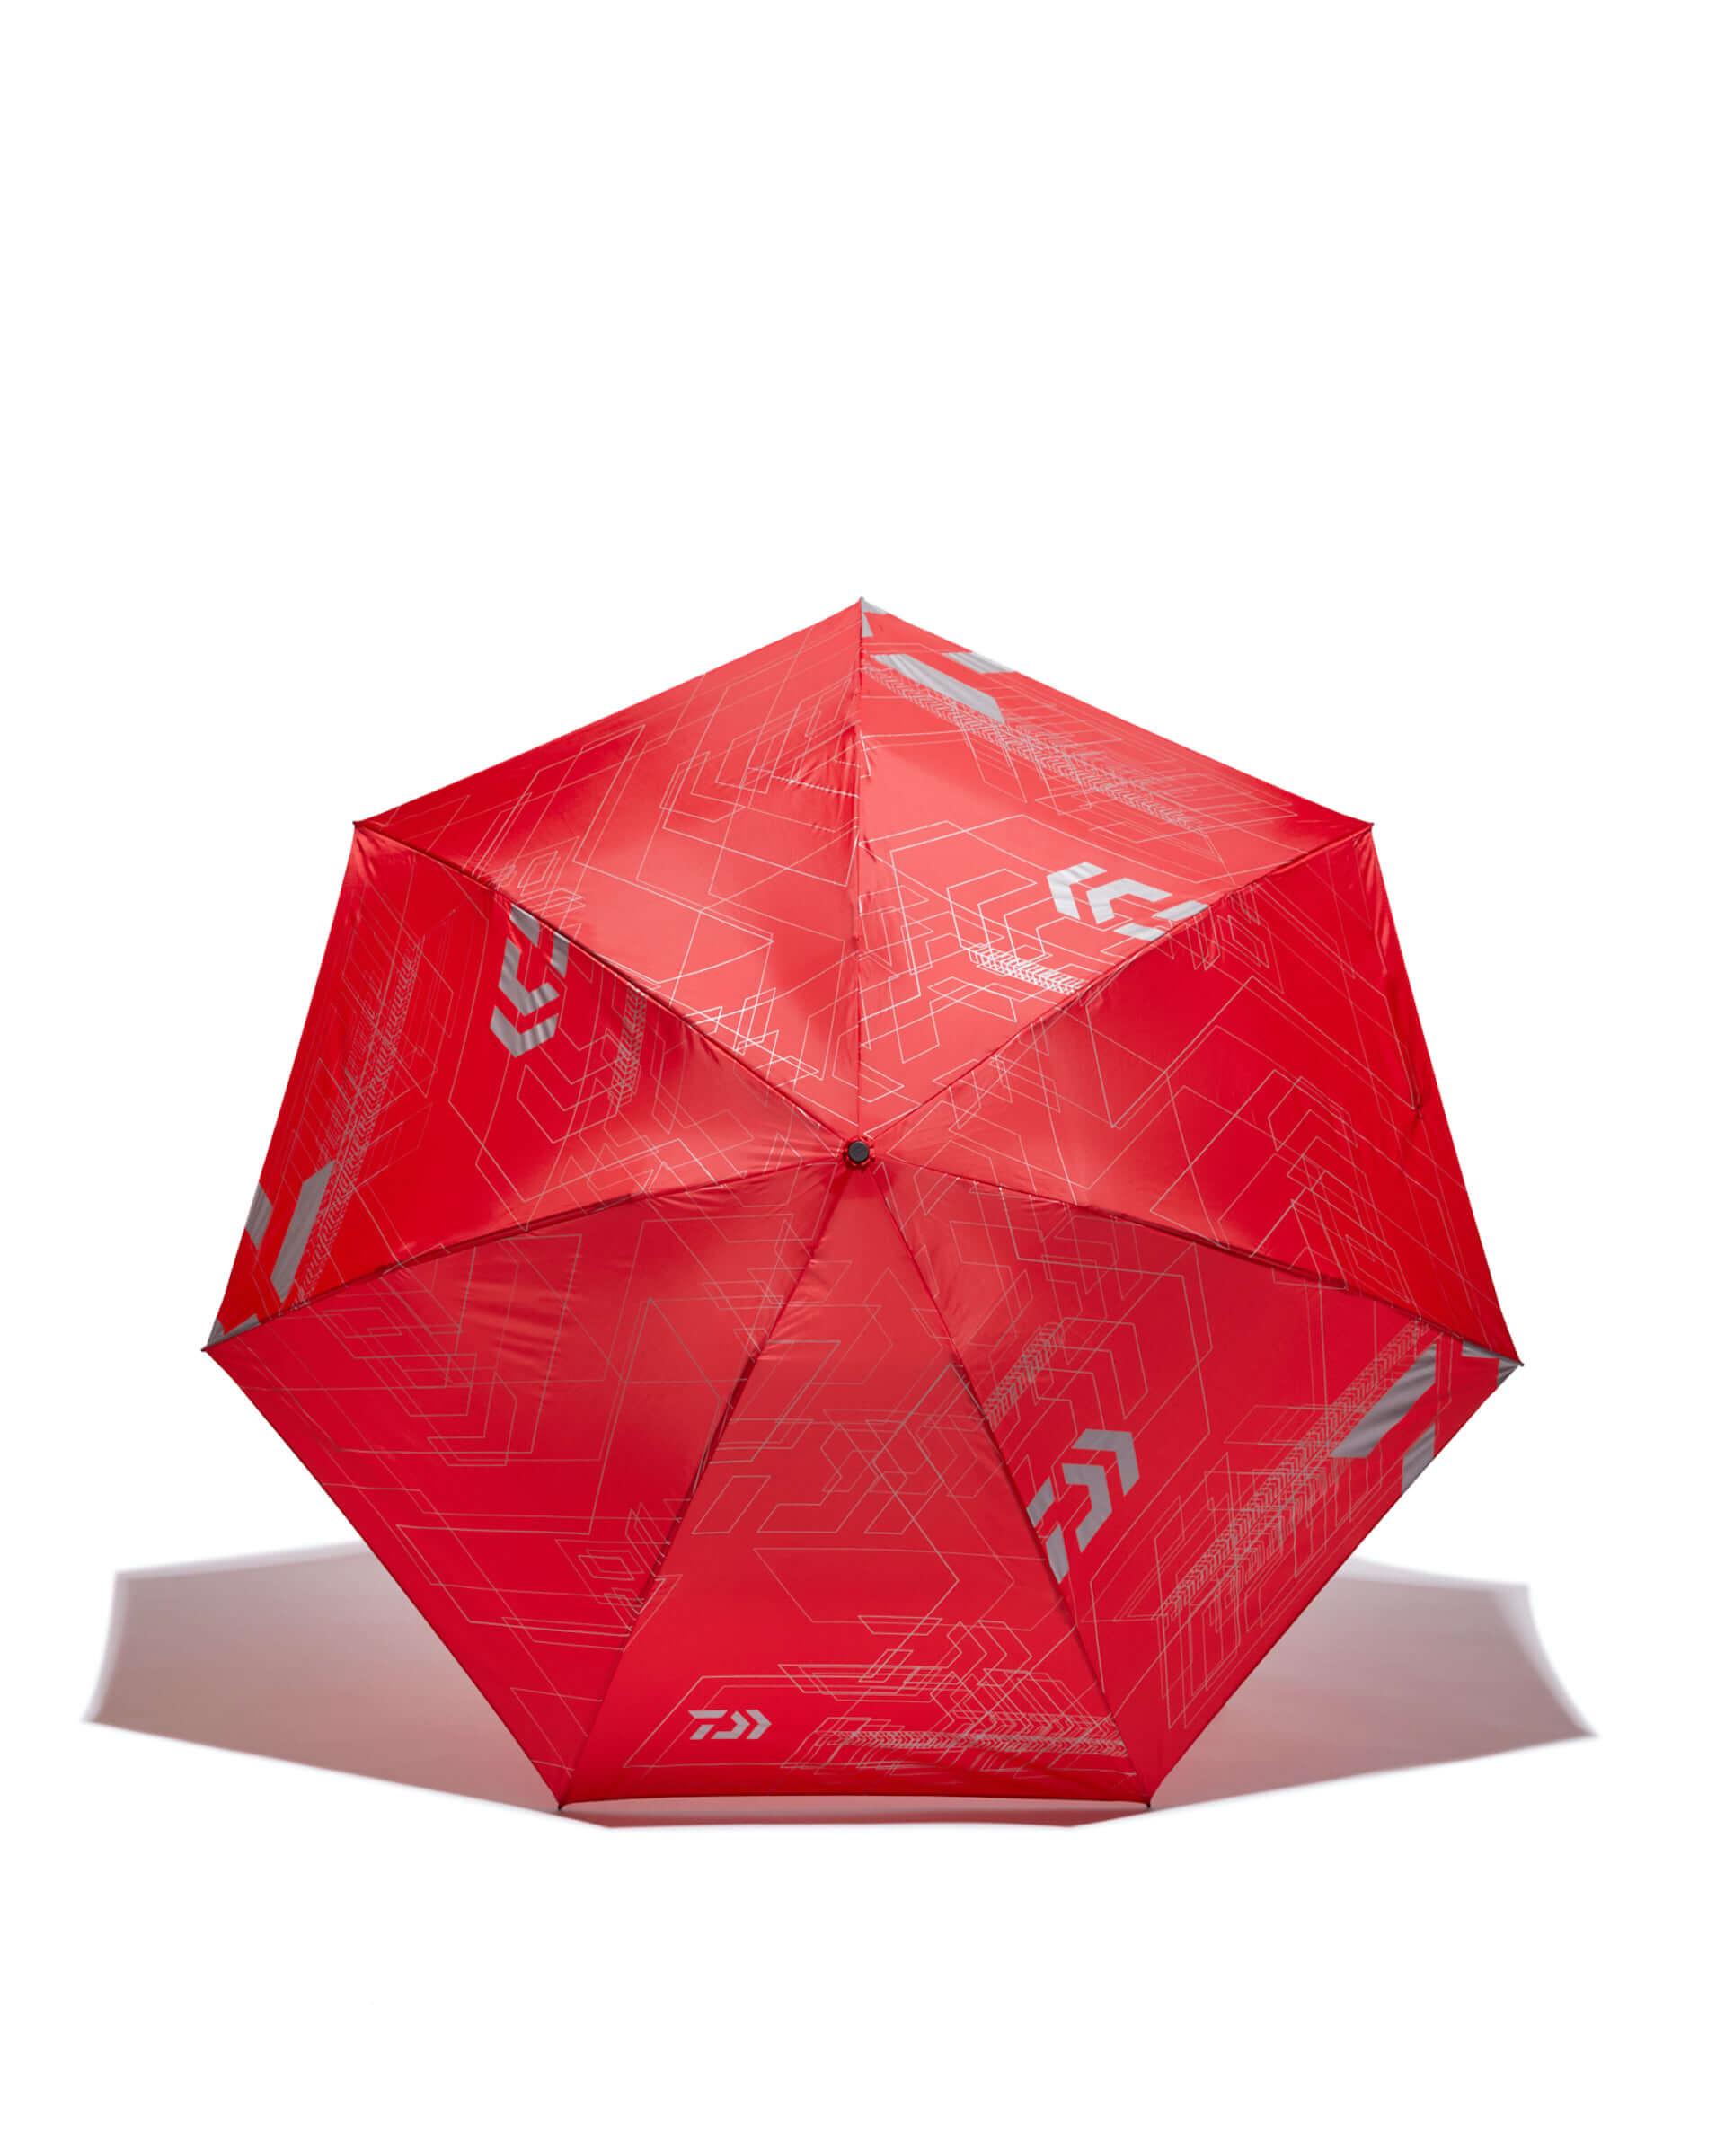 <佐藤可士和展>開催記念アイテムがDAIWA、D-VECから発売!釣り中に最適な軽量折りたたみ傘、ウィンドジャケット、ネックバックが登場 lf210203_daiwa-dvec_1-1-1920x2400